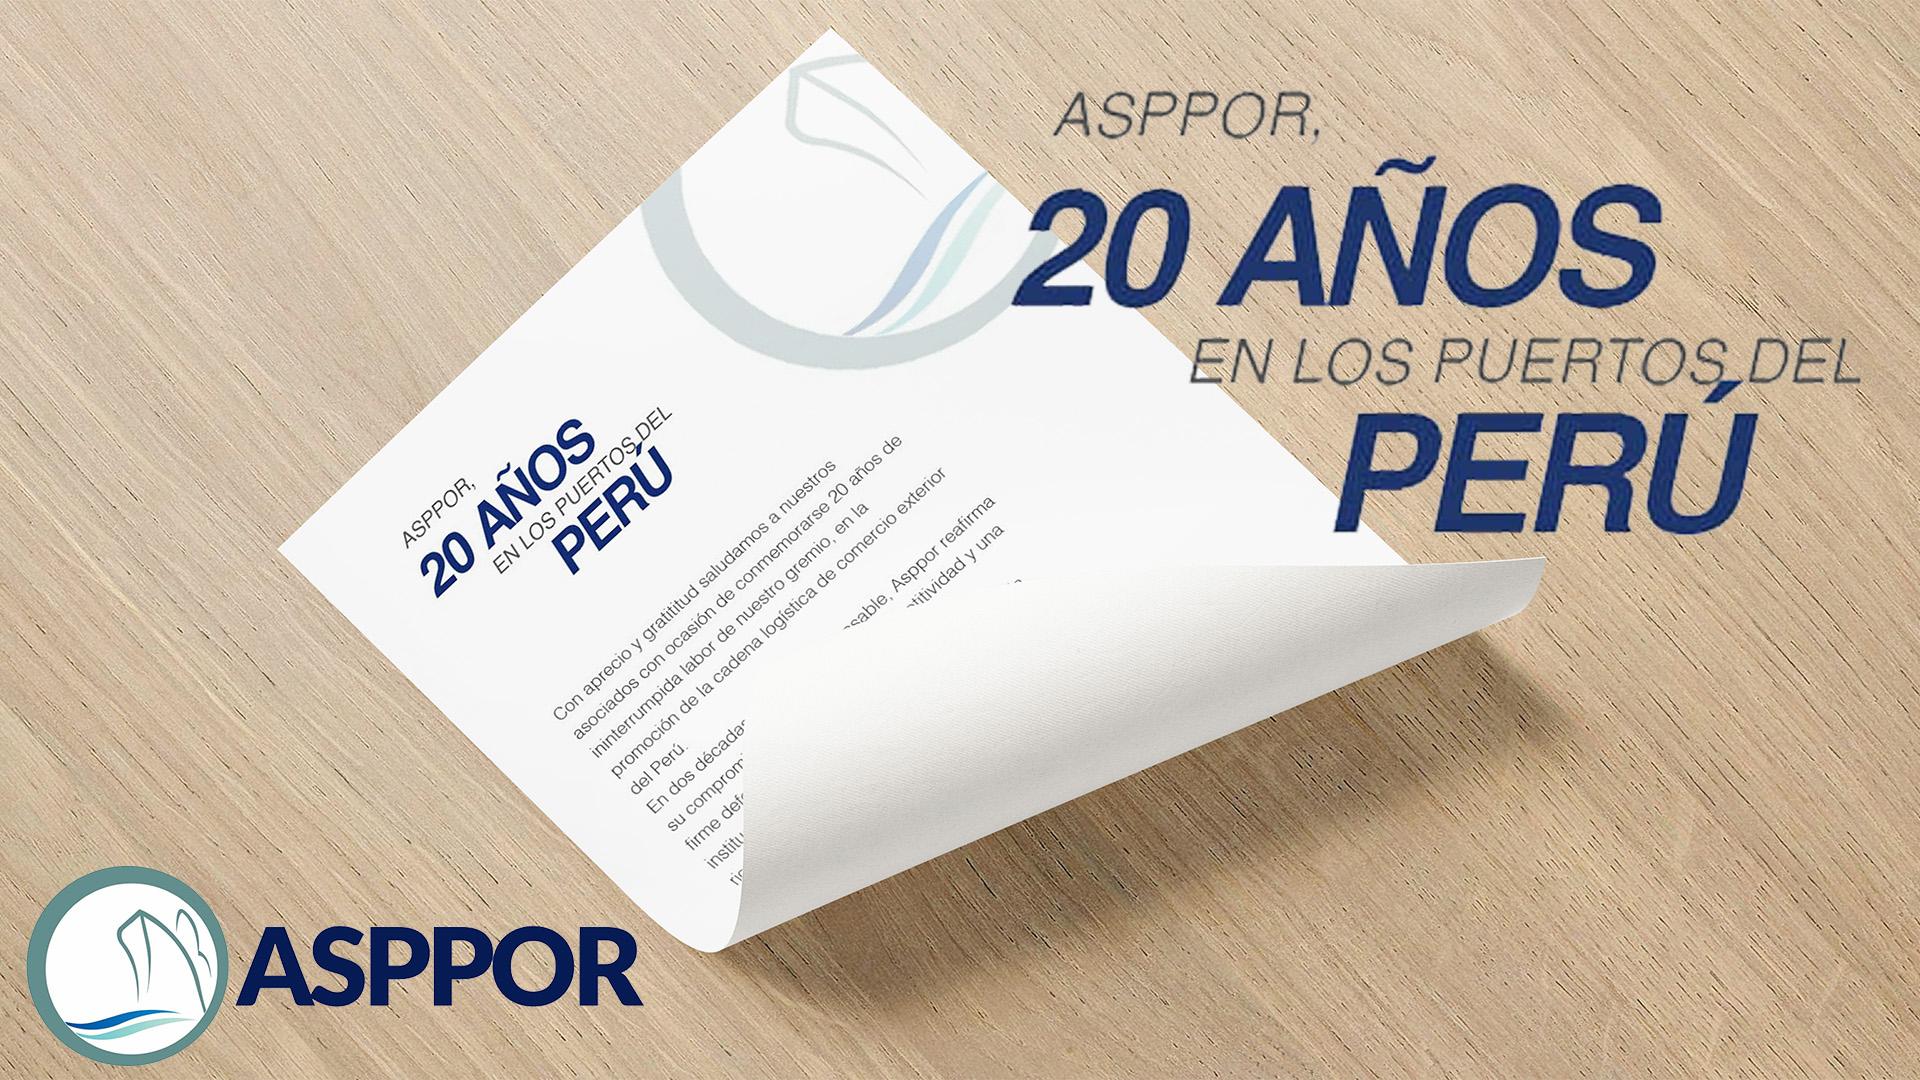 ASPPOR, 20 AÑOS EN LOS PUERTOS DEL PERÚ